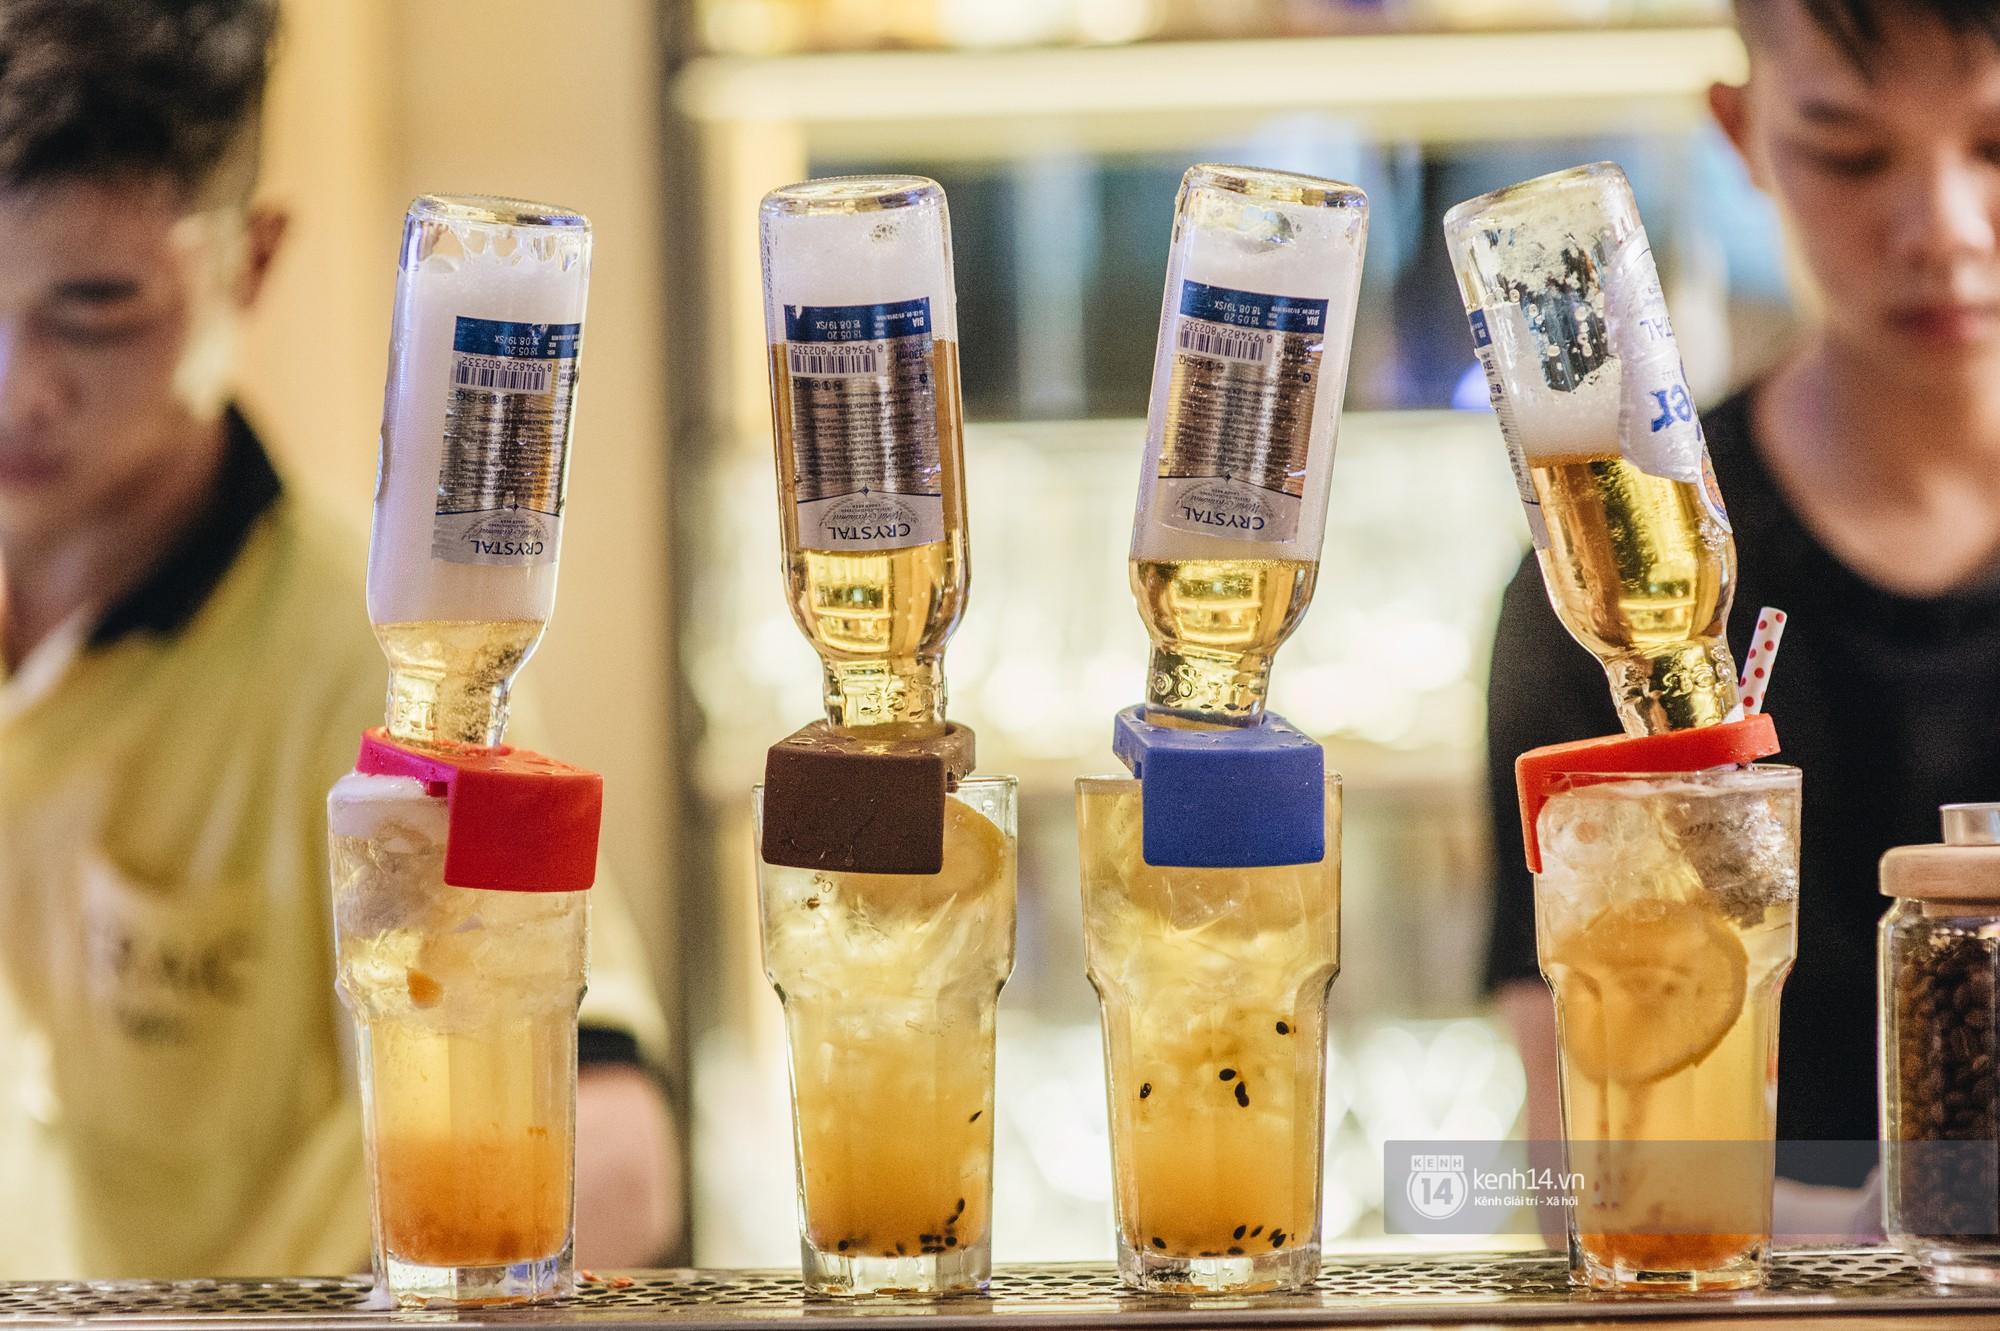 VZN News: Giới trẻ Hà Nội đổ xô đi thử bia úp ngược: chật kín chỗ, nhiều khách phải ngậm ngùi đi về - Ảnh 6.